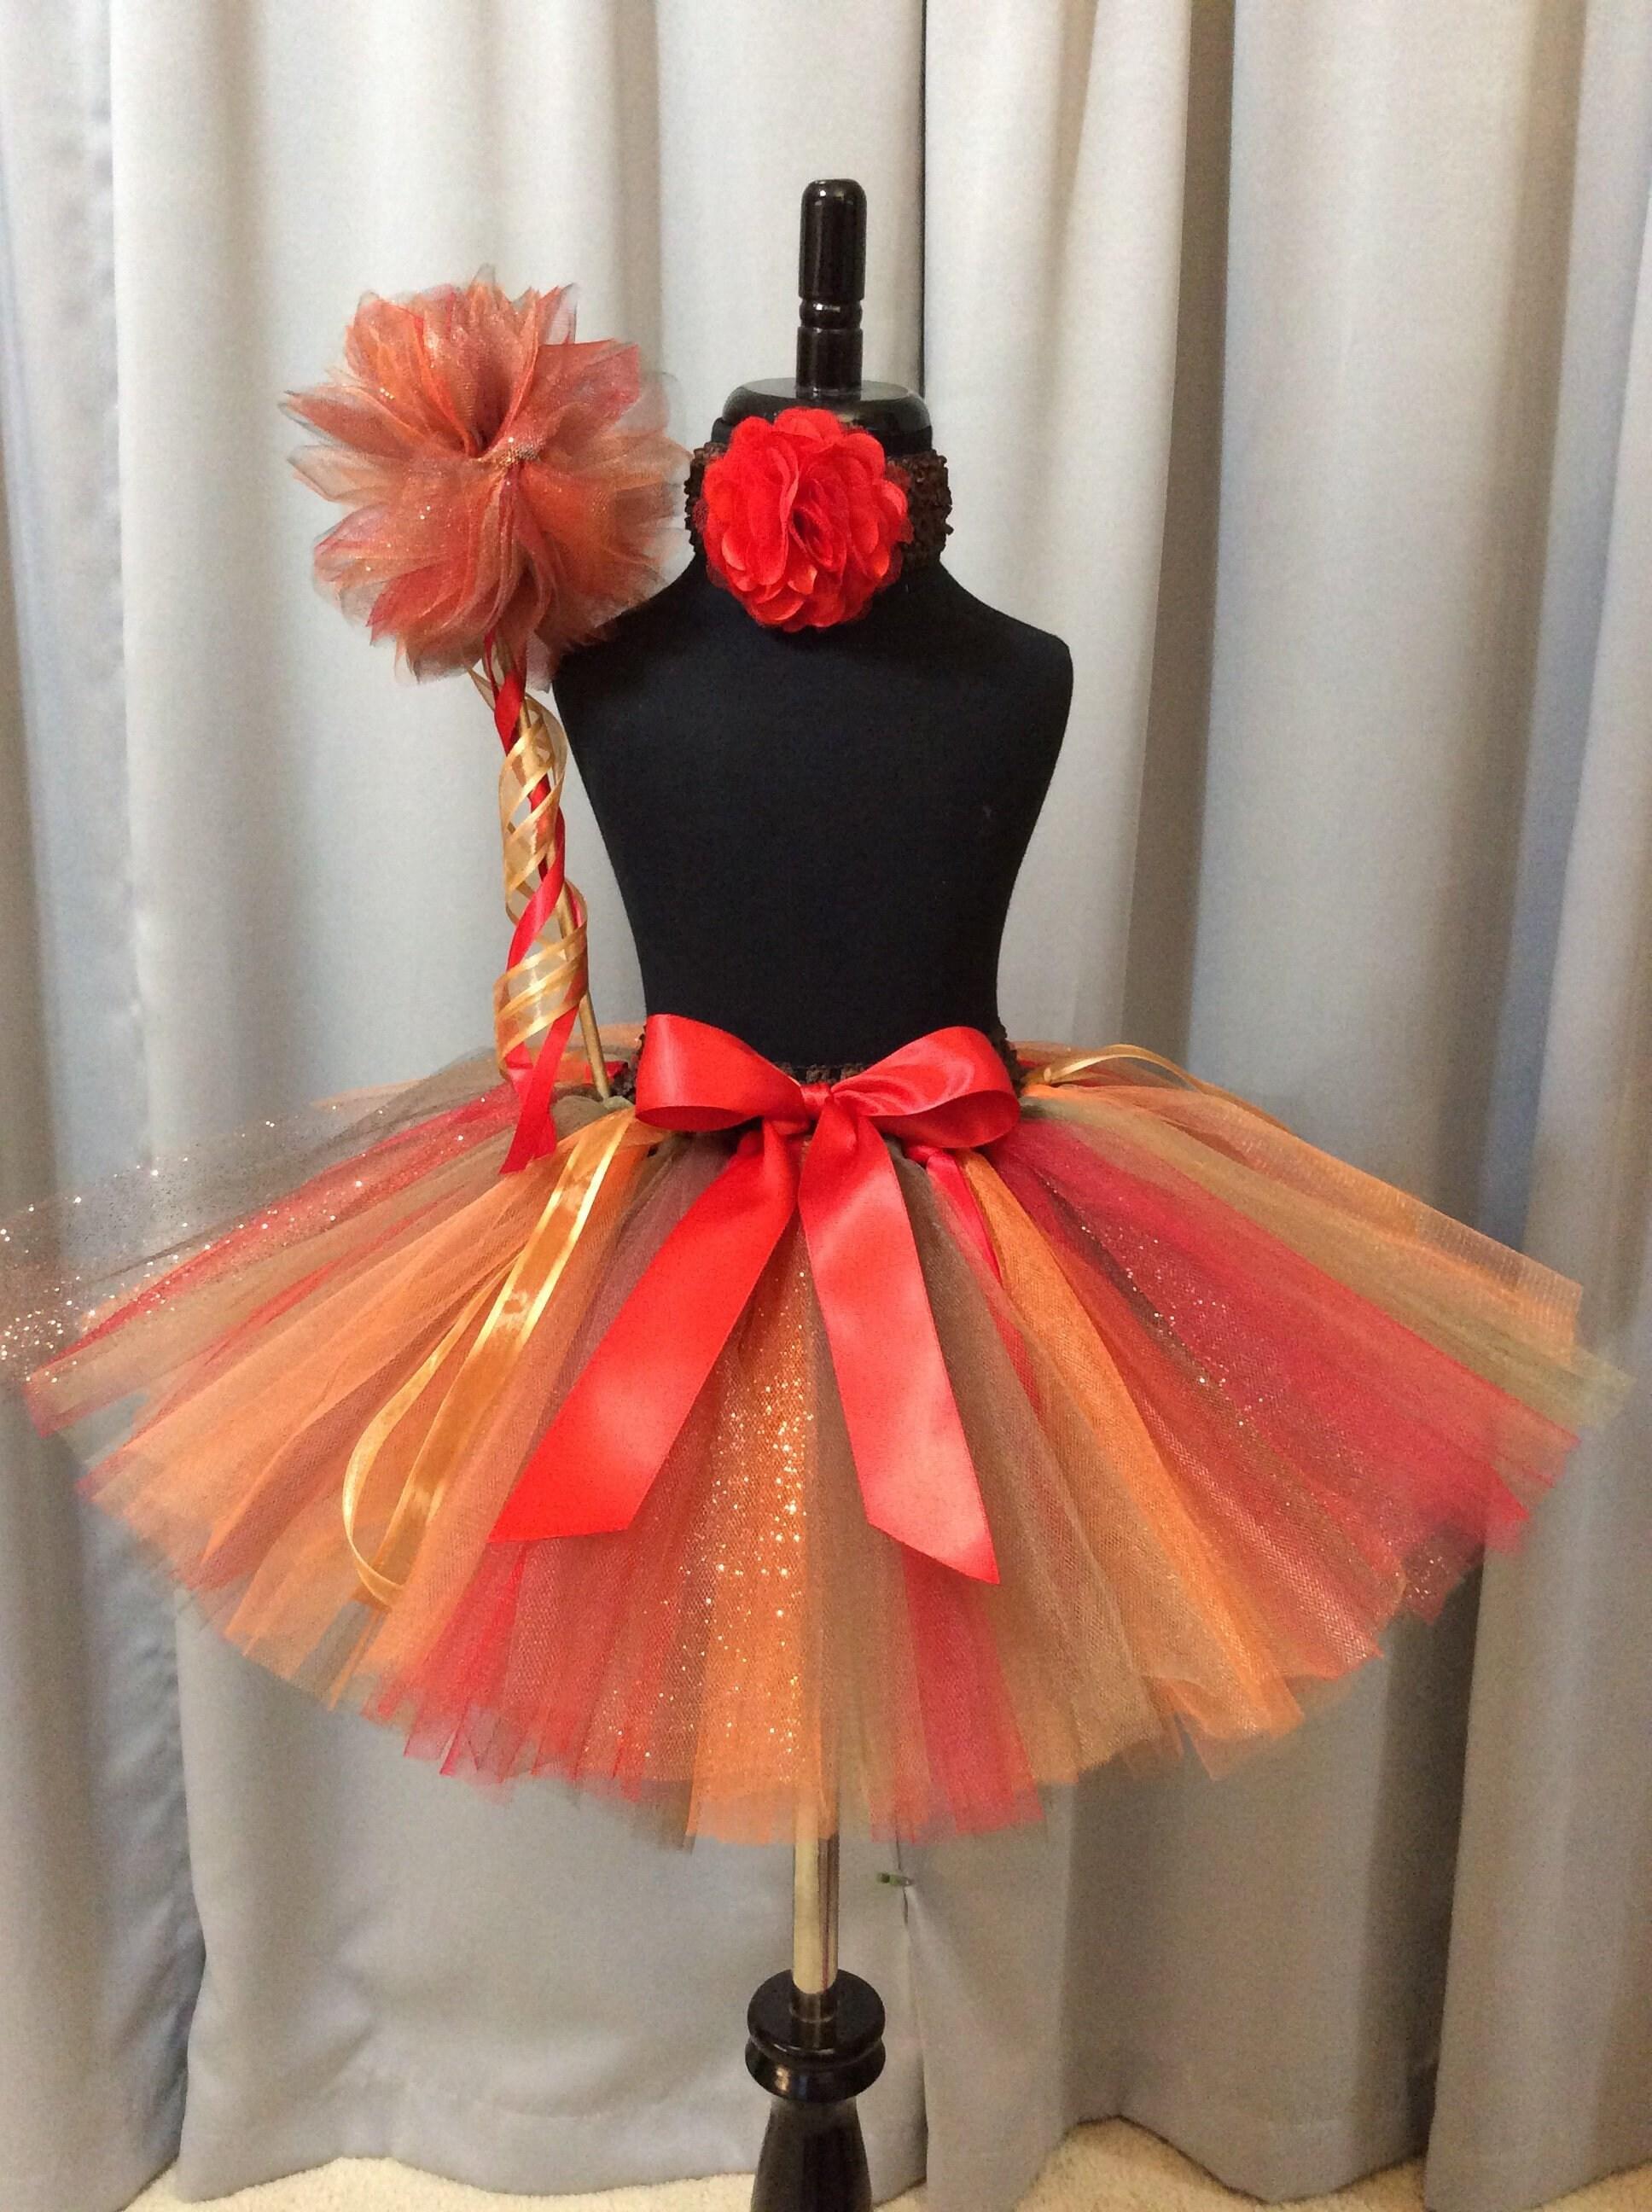 515e807d0e9 Fall theme tutu set, first birthday outfit girl, 1st birthday outfit girl,  tutu skirt, fall colors, matching headband & wand, cake smash